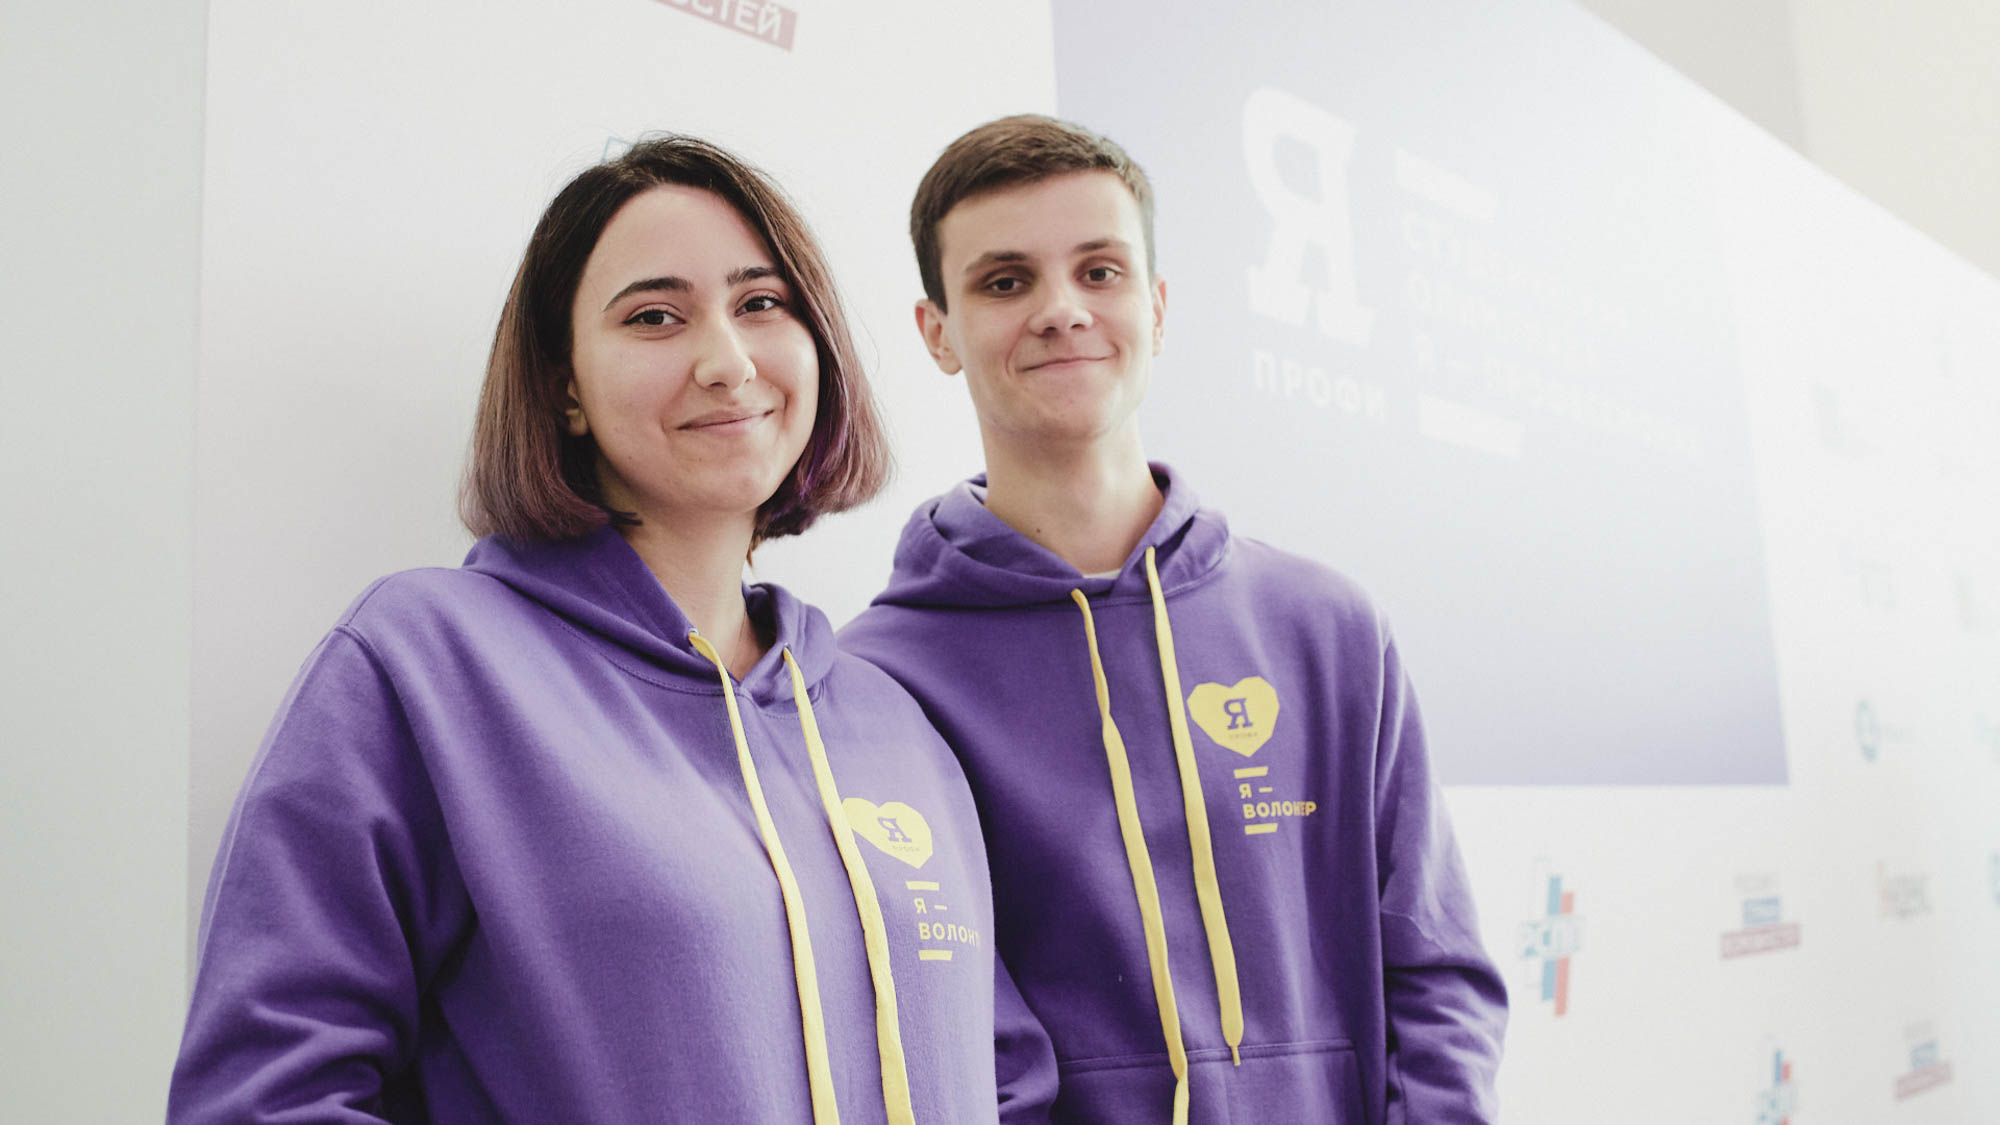 Более 200 студентов Мининского университета приняли участие в отборочном этапе олимпиады студентов «Я – профессионал»